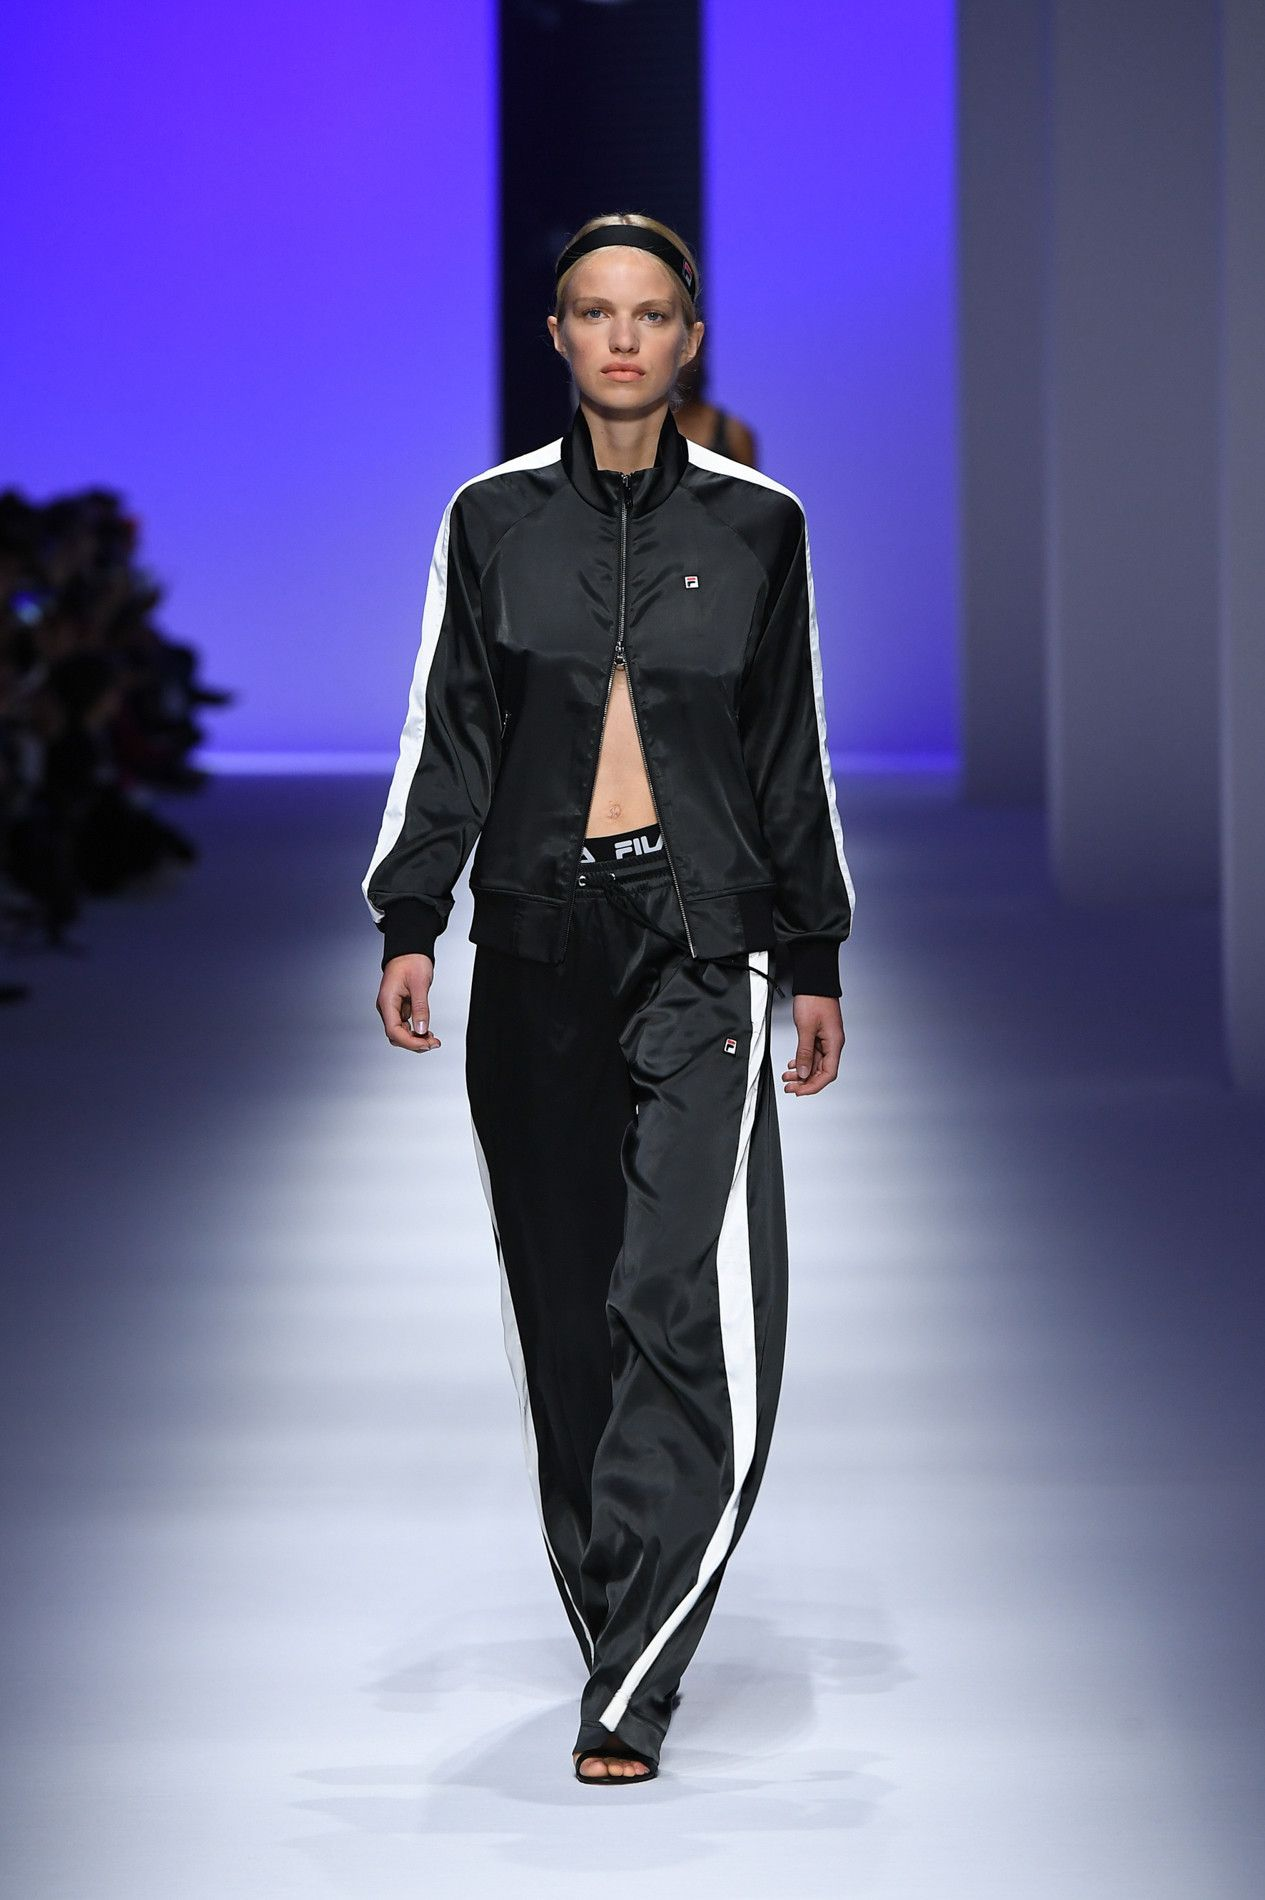 50de3e20cc6 Fila ... #Milan #MFW #fashionweek #fashion #SS19 #RTW #Fila   my ...